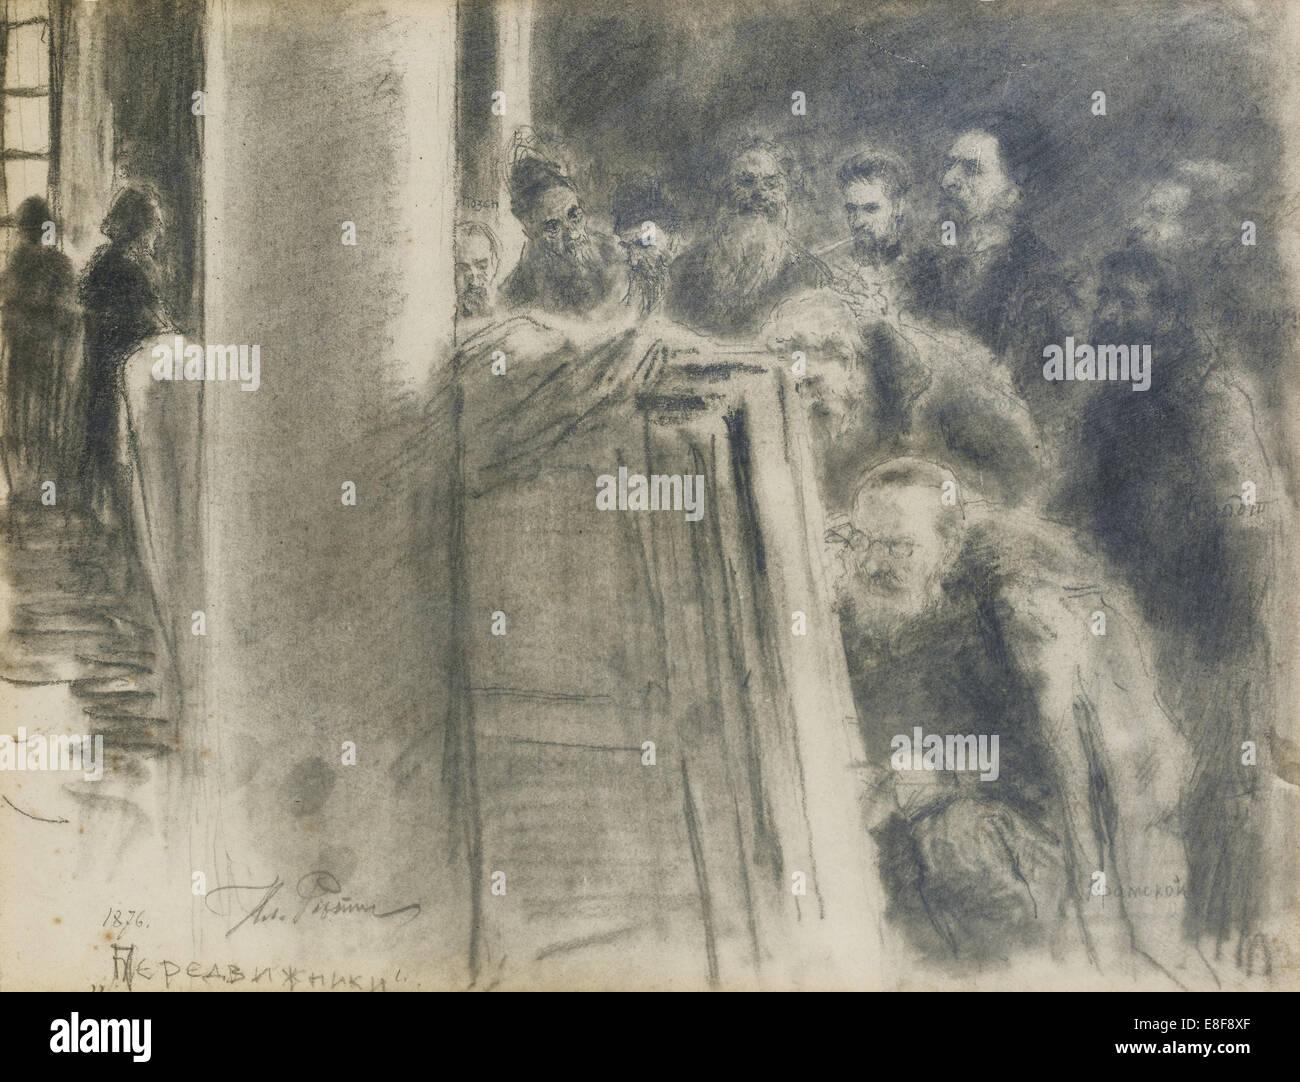 Il Peredvizhniki-Group. Artista: Repin, Ilya Yefimovich (1844-1930) Immagini Stock